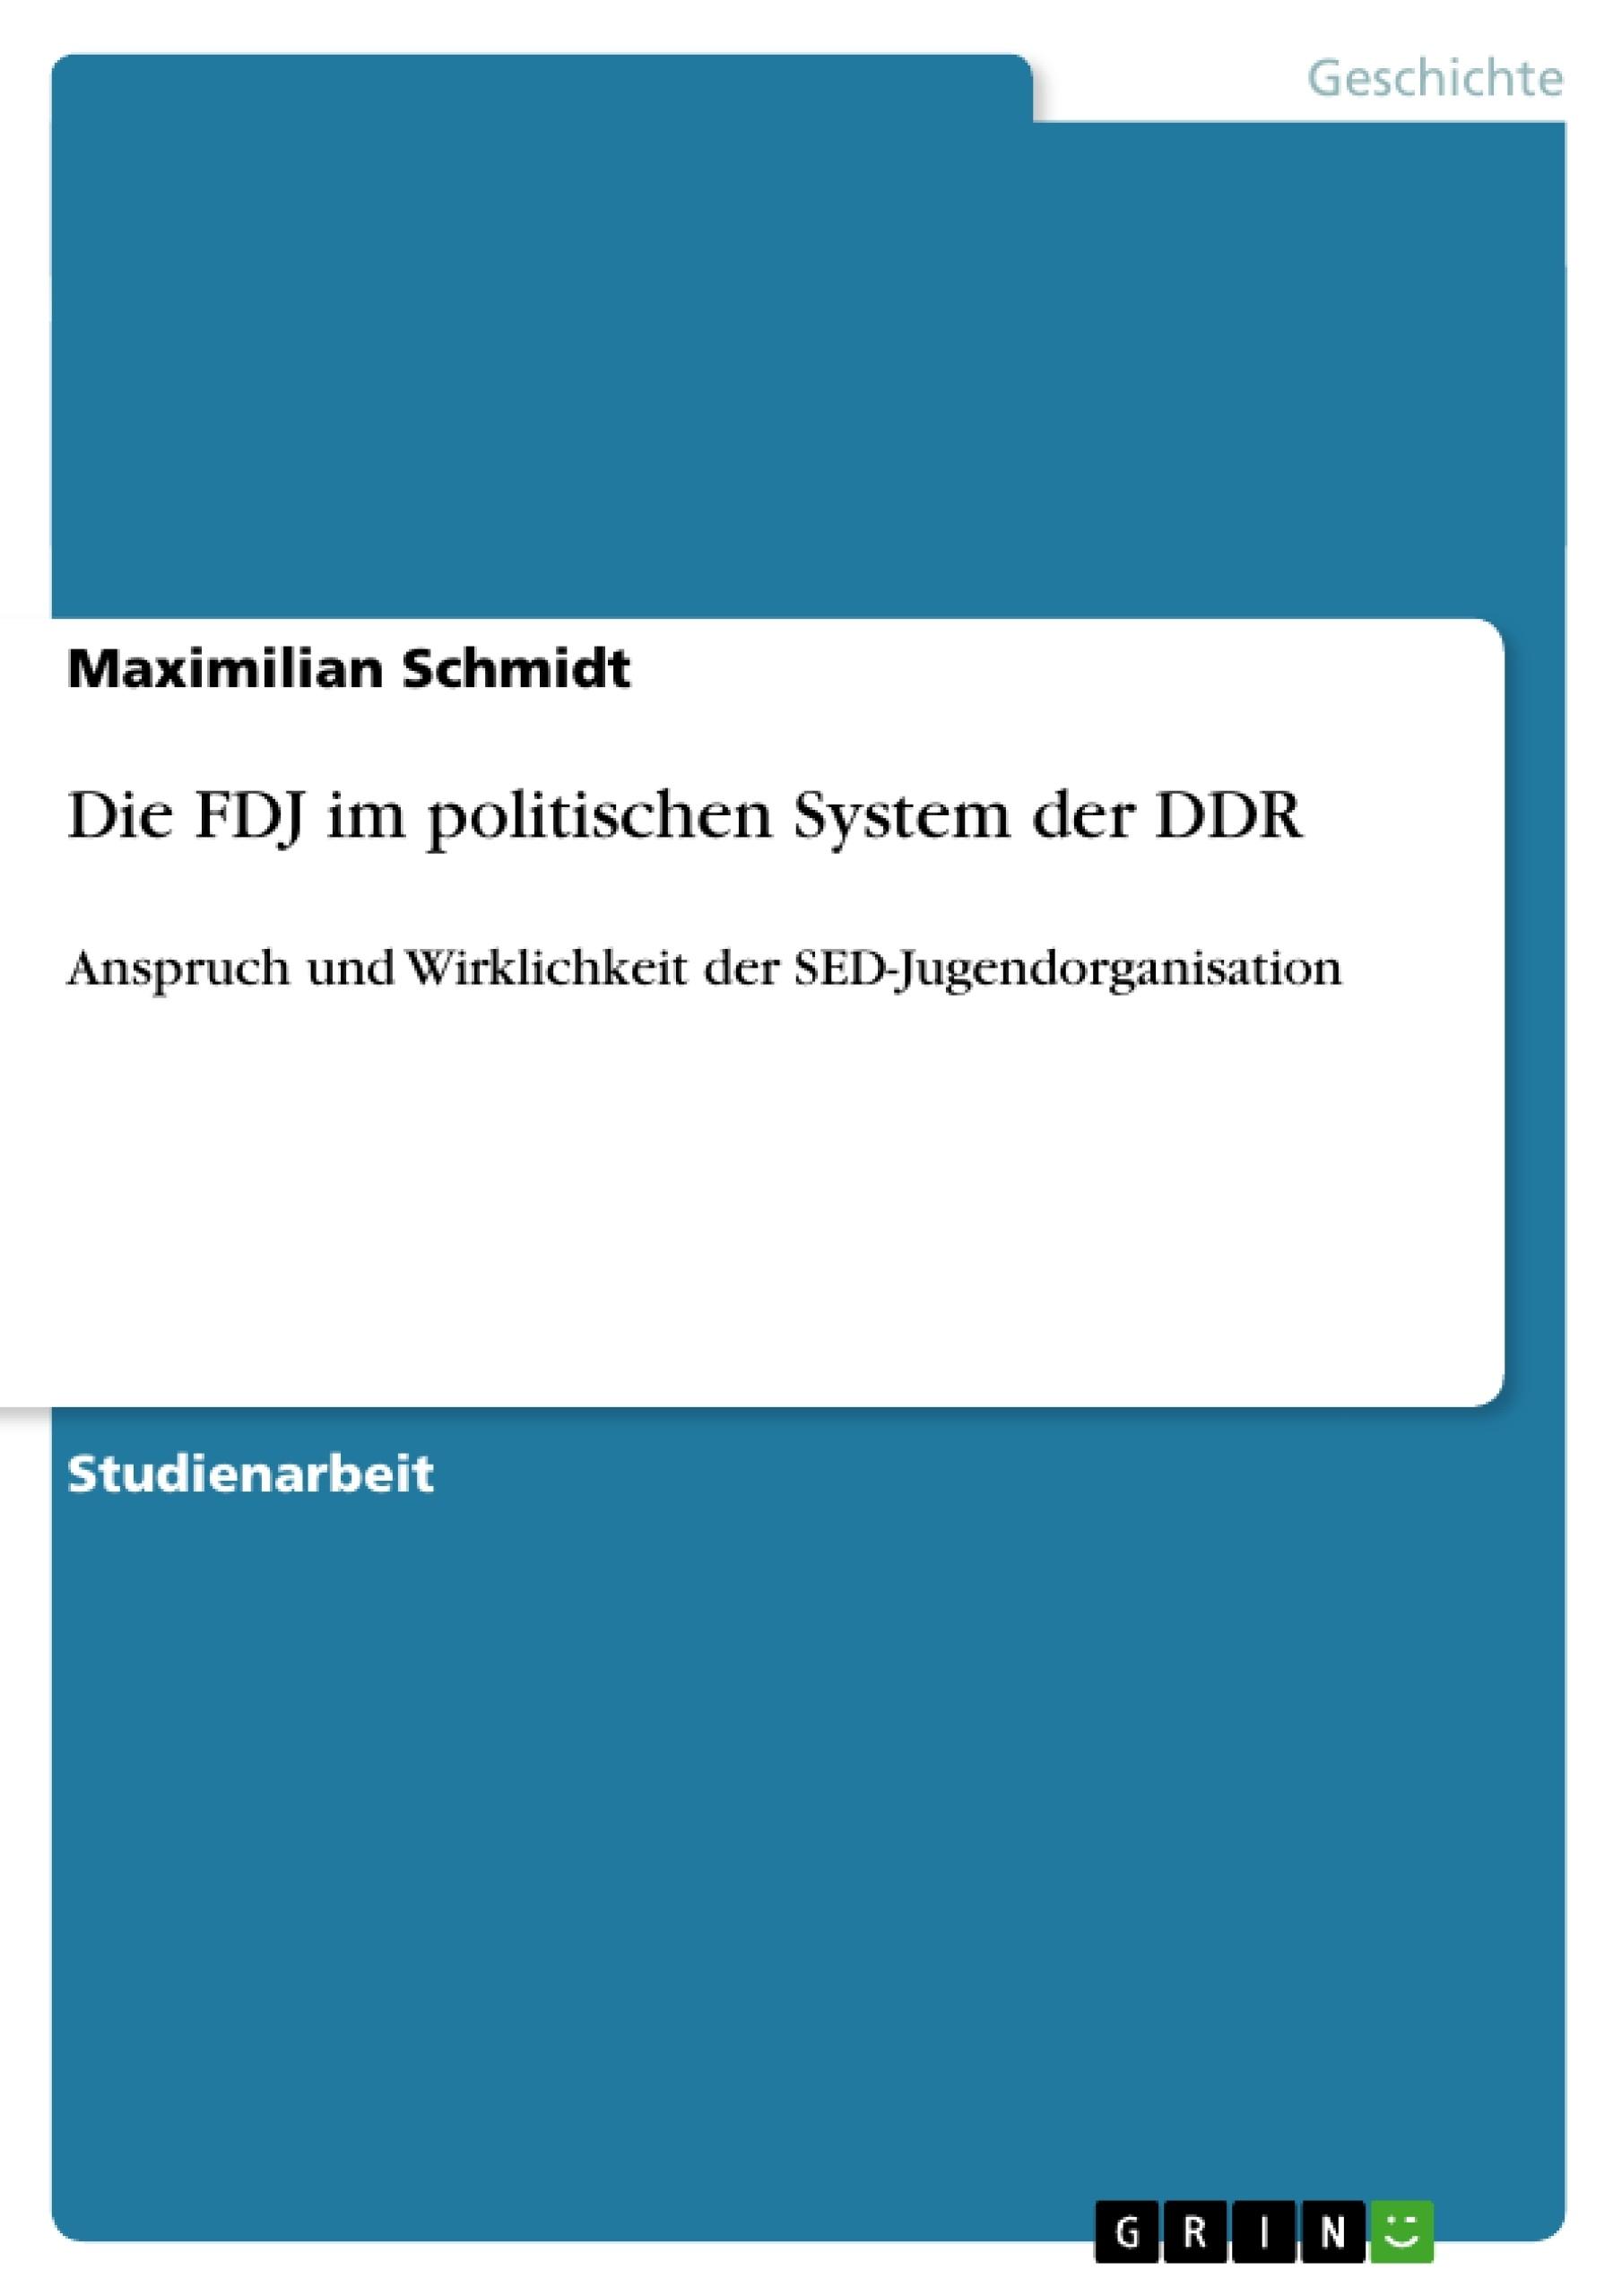 Titel: Die FDJ im politischen System der DDR